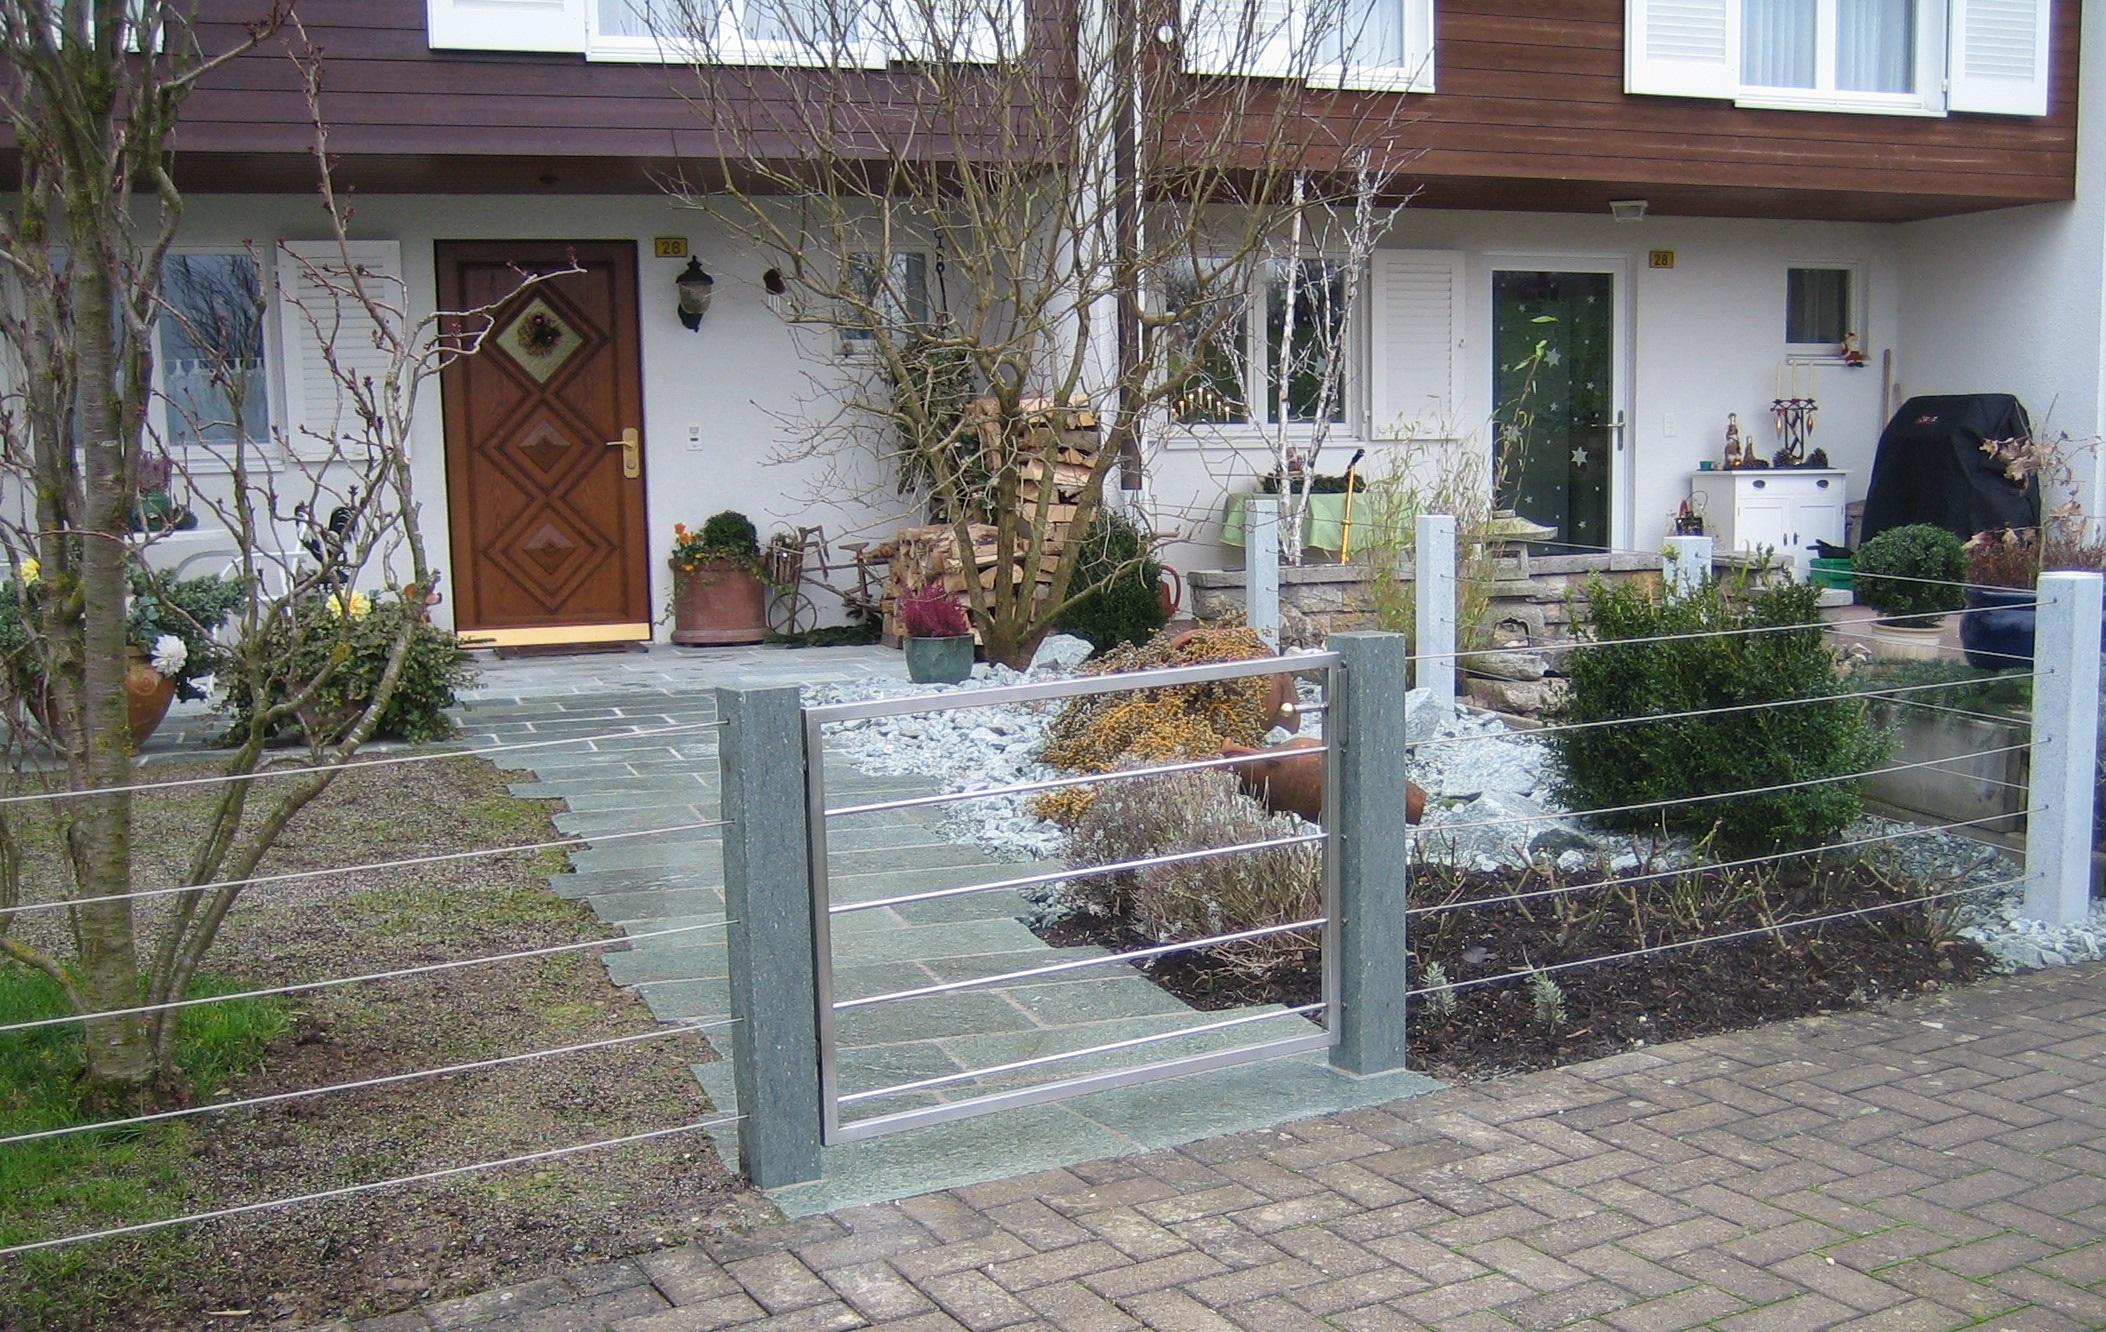 Neugestaltung Eingangsbereich: Gartenplatten Andeer, Pfosten für neuen Zaun, Steingarten und Bepflanzung